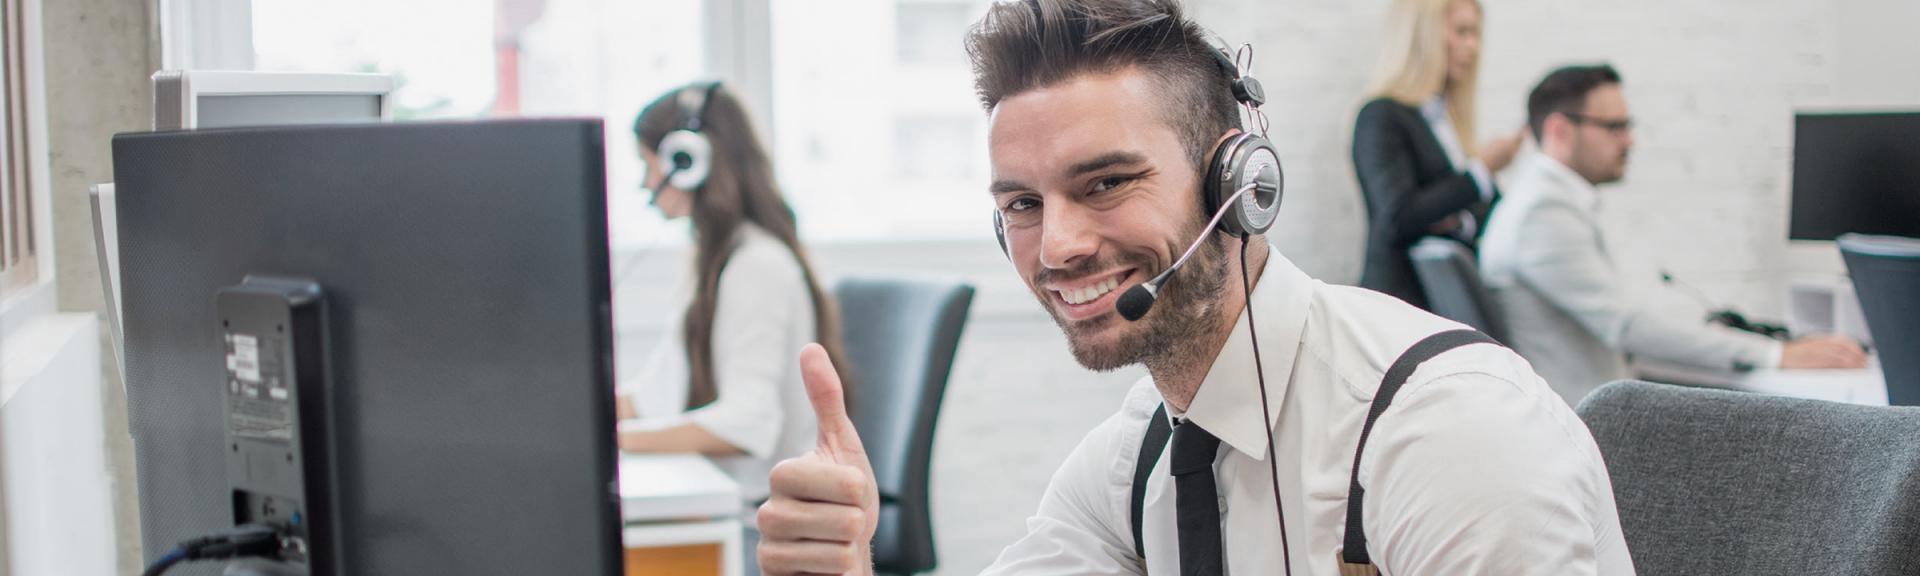 Suporte humanizado: parte integrante do relacionamento com seus clientes